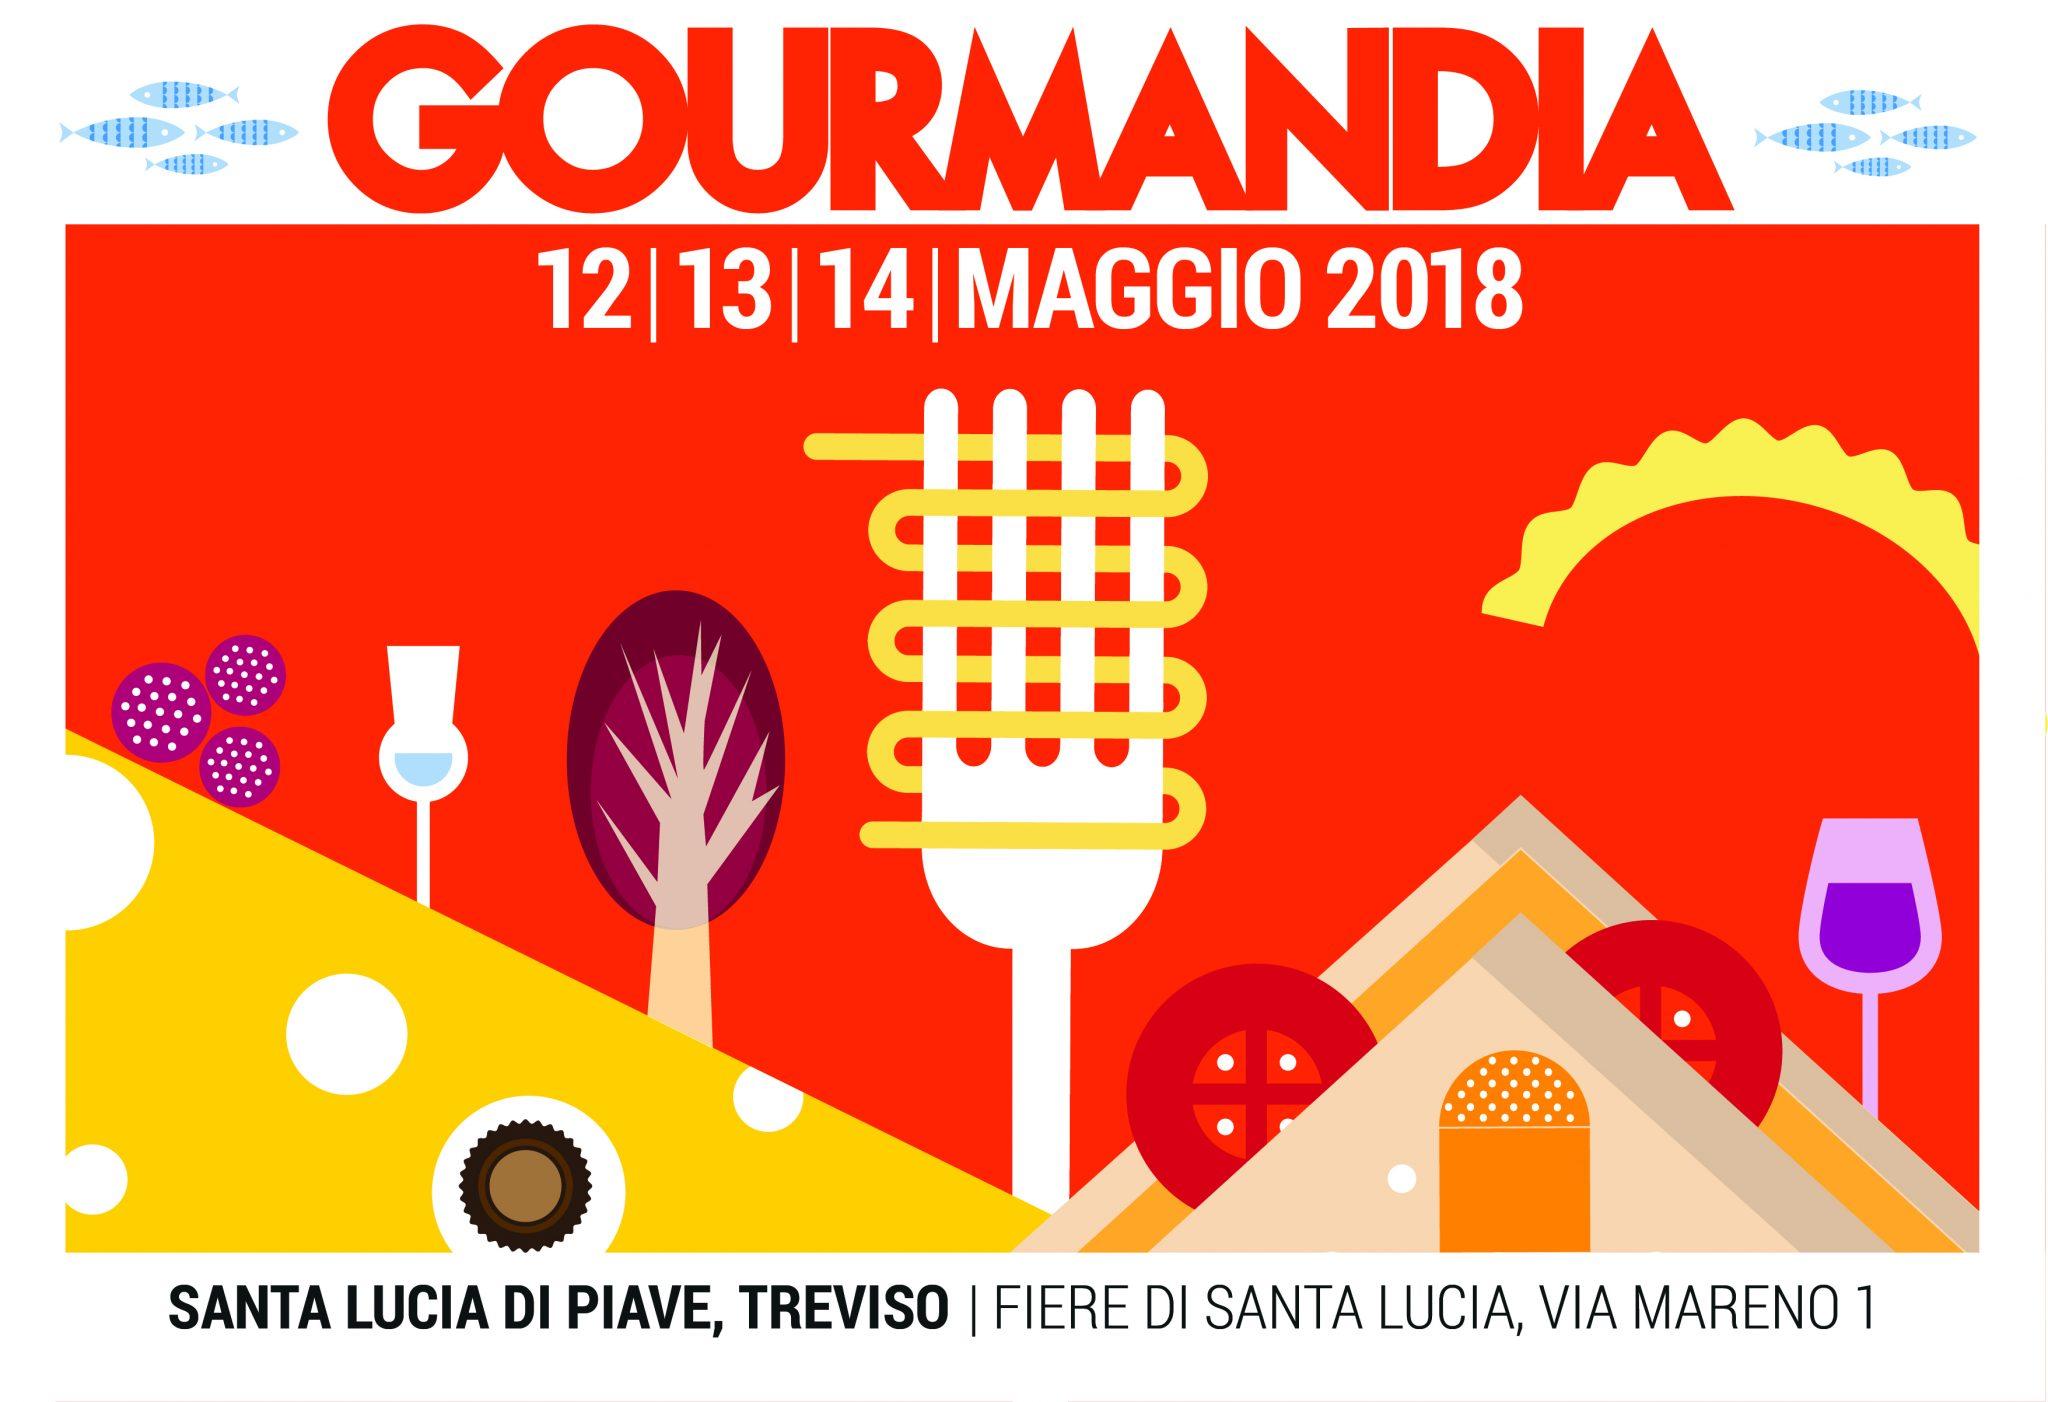 Gourmandia 2018, ovvero le Terre Golose del Gastronauta